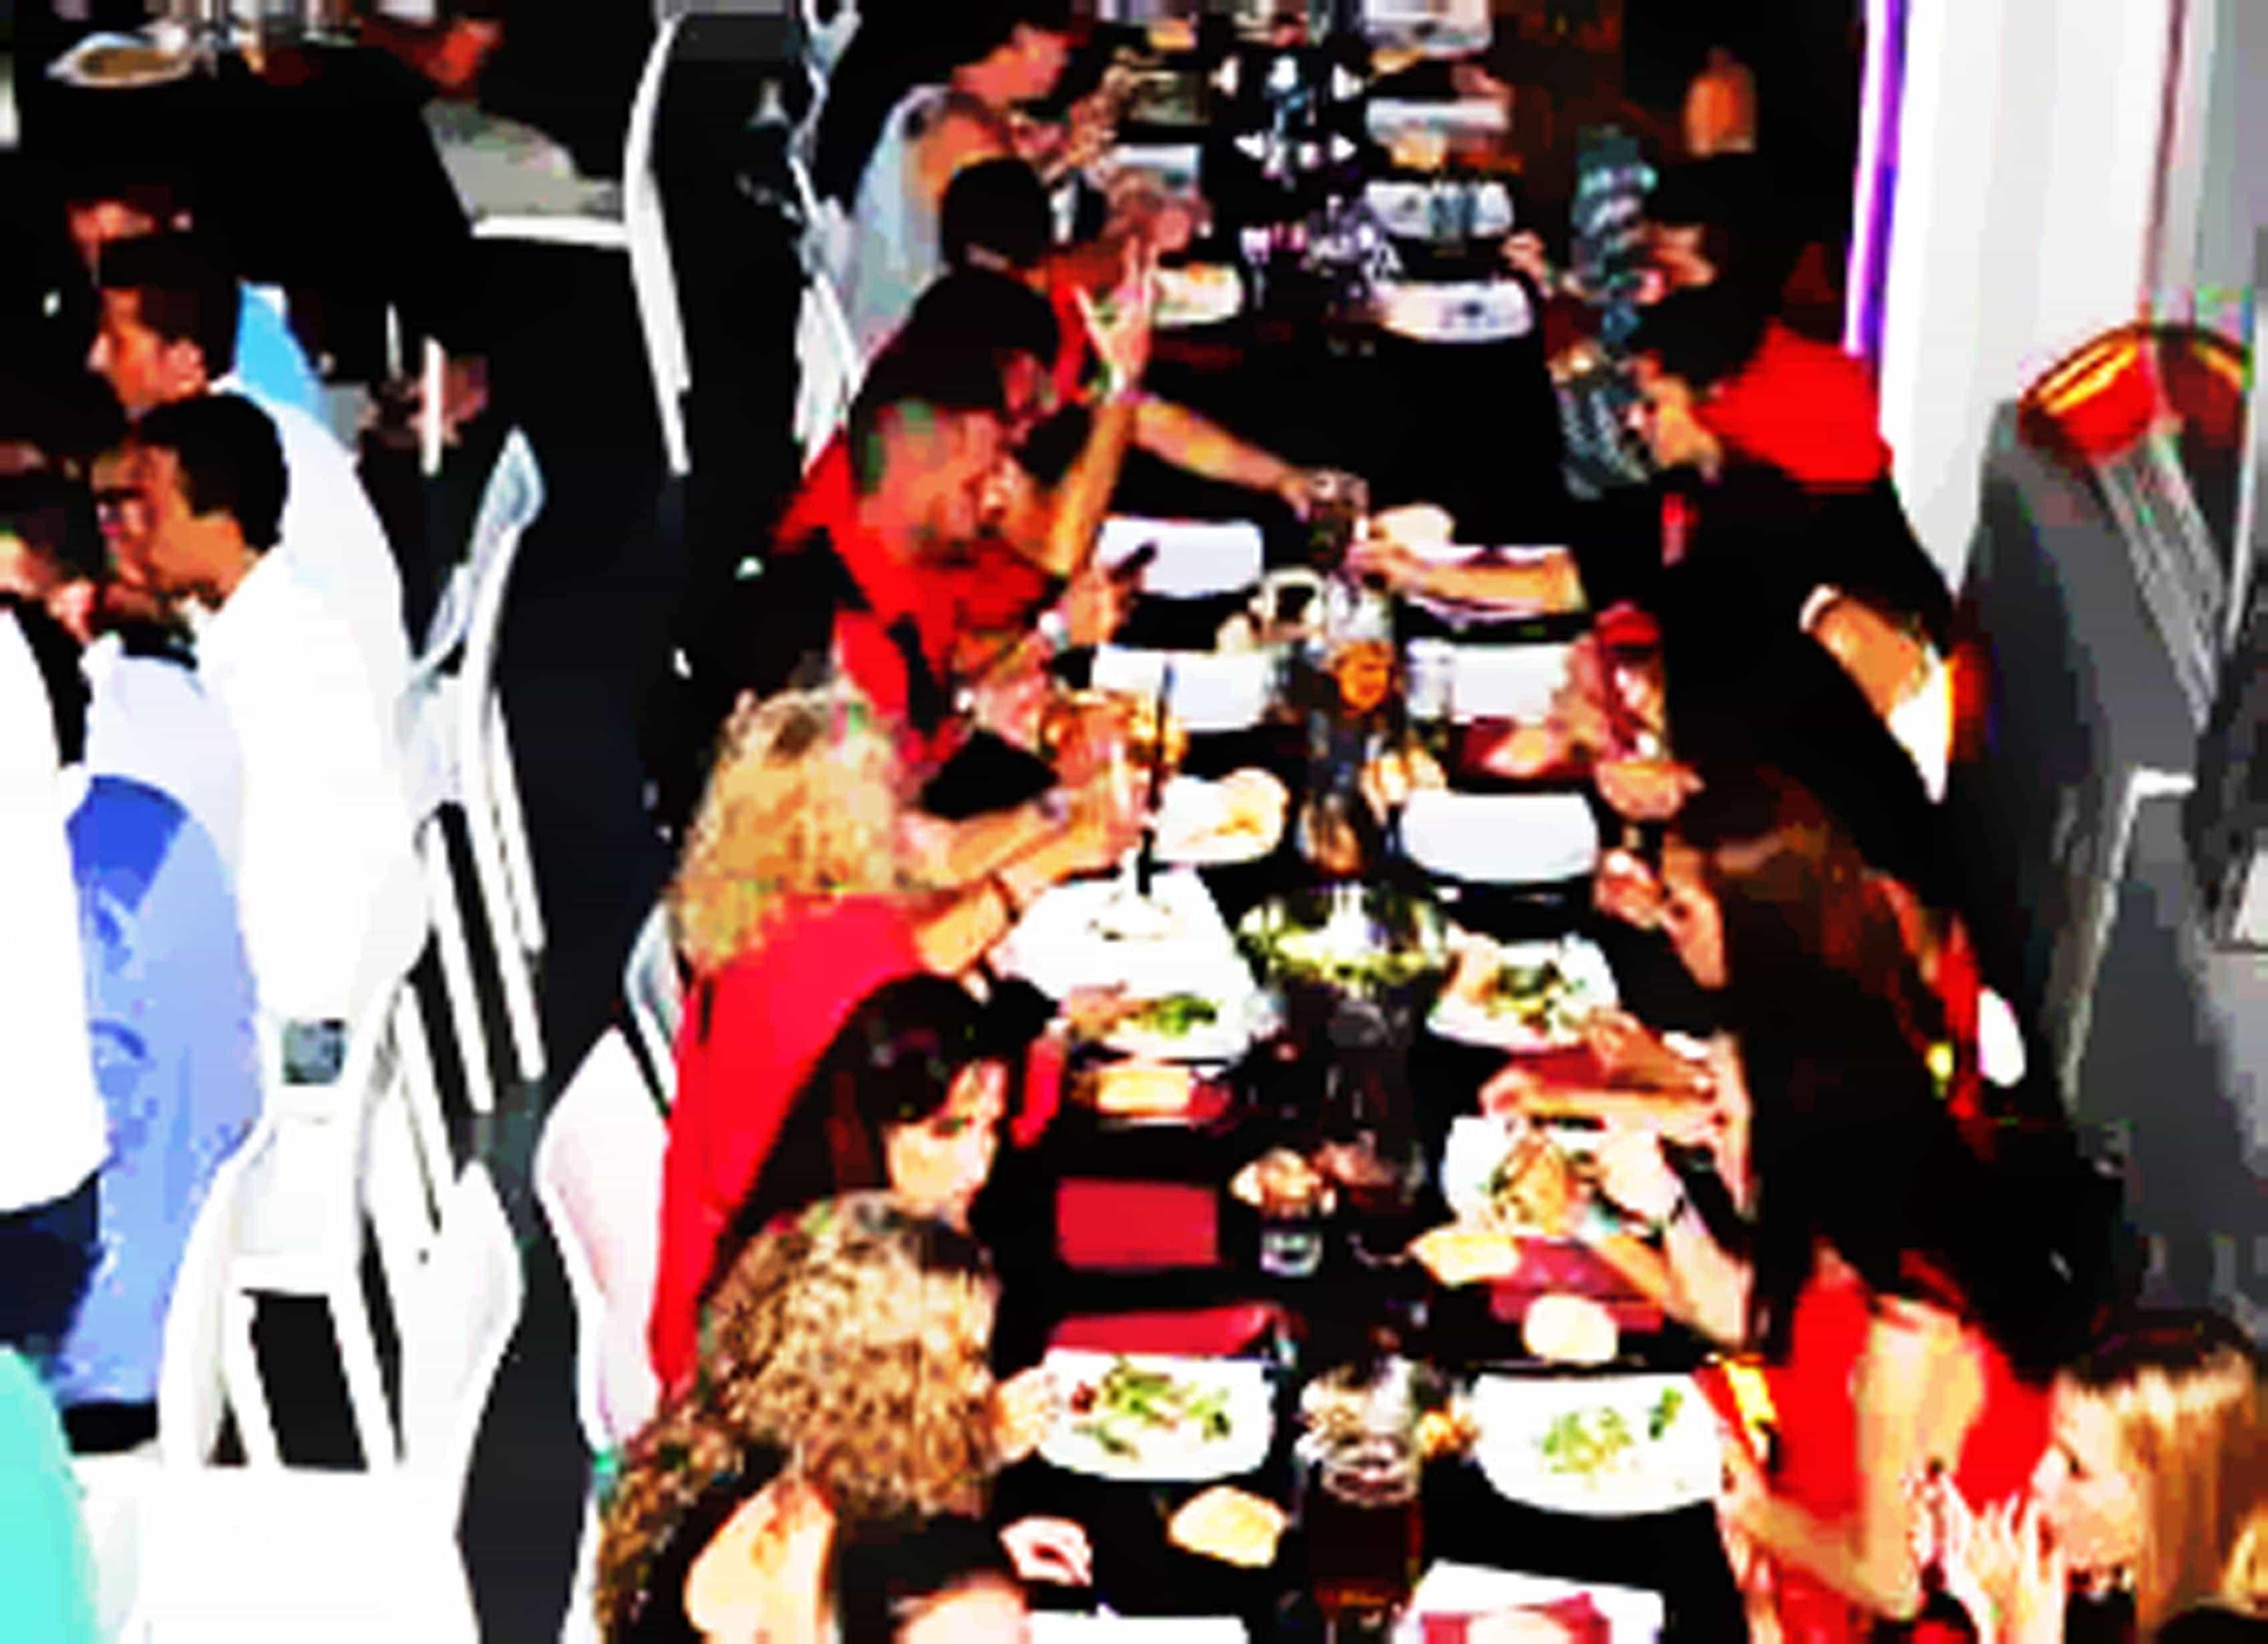 Restaurante Drag Queen imagen 4